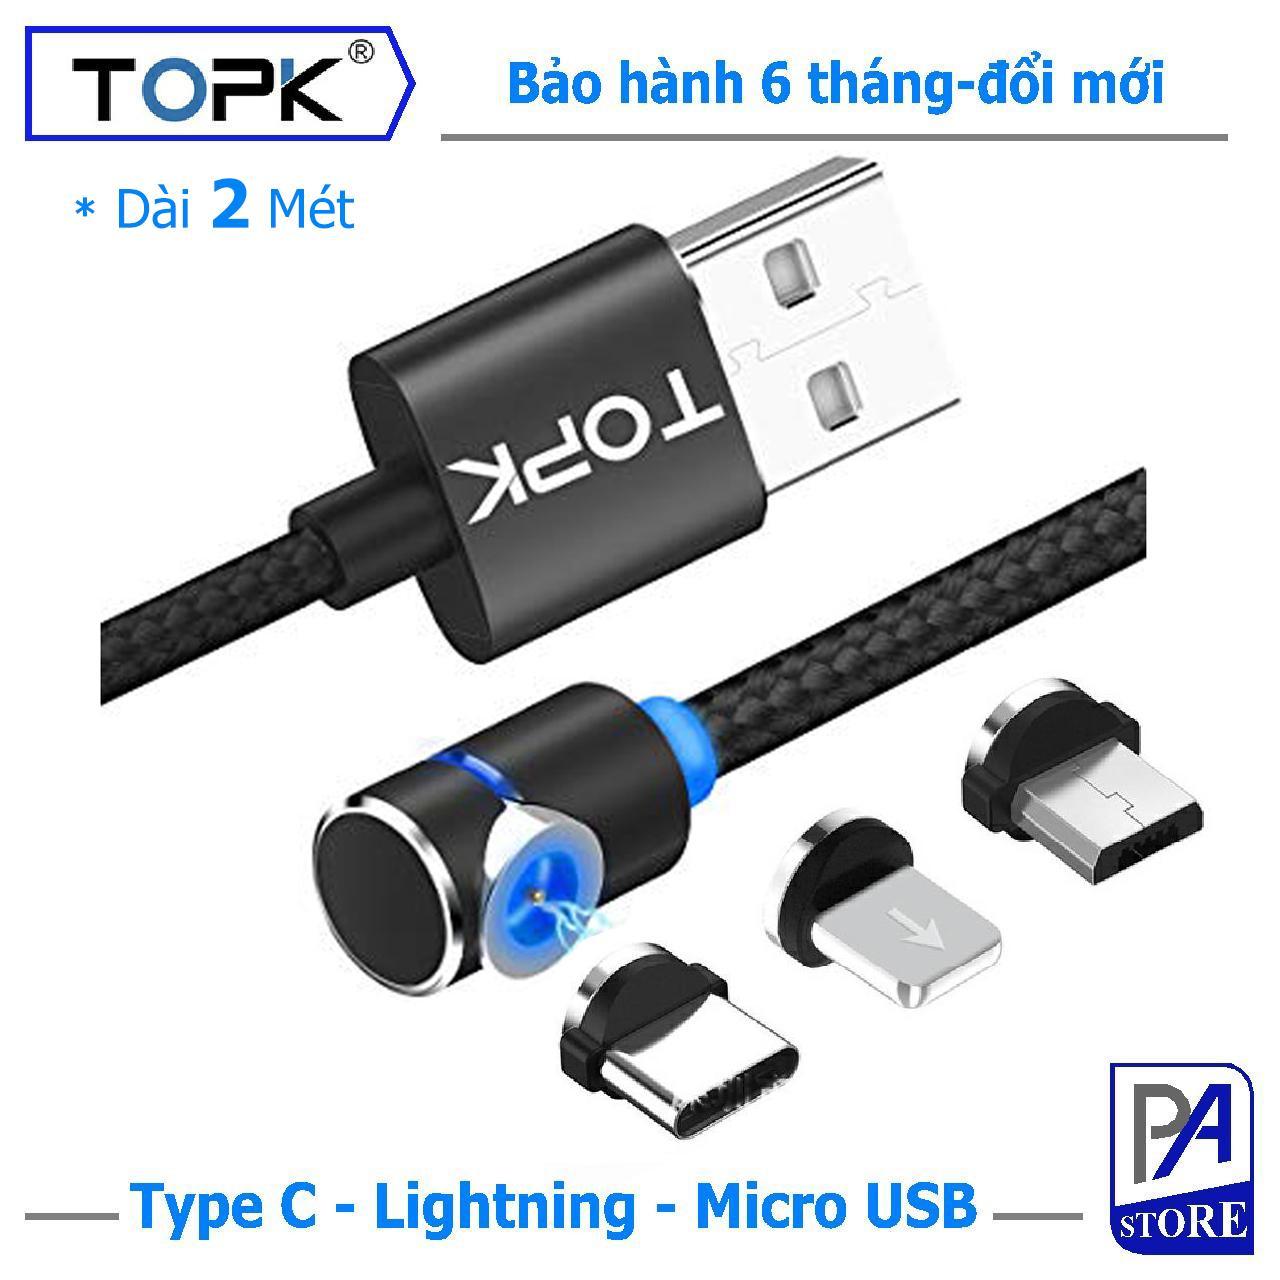 Cáp Sạc Nam châm TOPK Siêu Phong Cách, Dài 2 mét, Chữ L (1 Trong 3 Đầu Iphone Lightning, Micro USB, USB Type C)